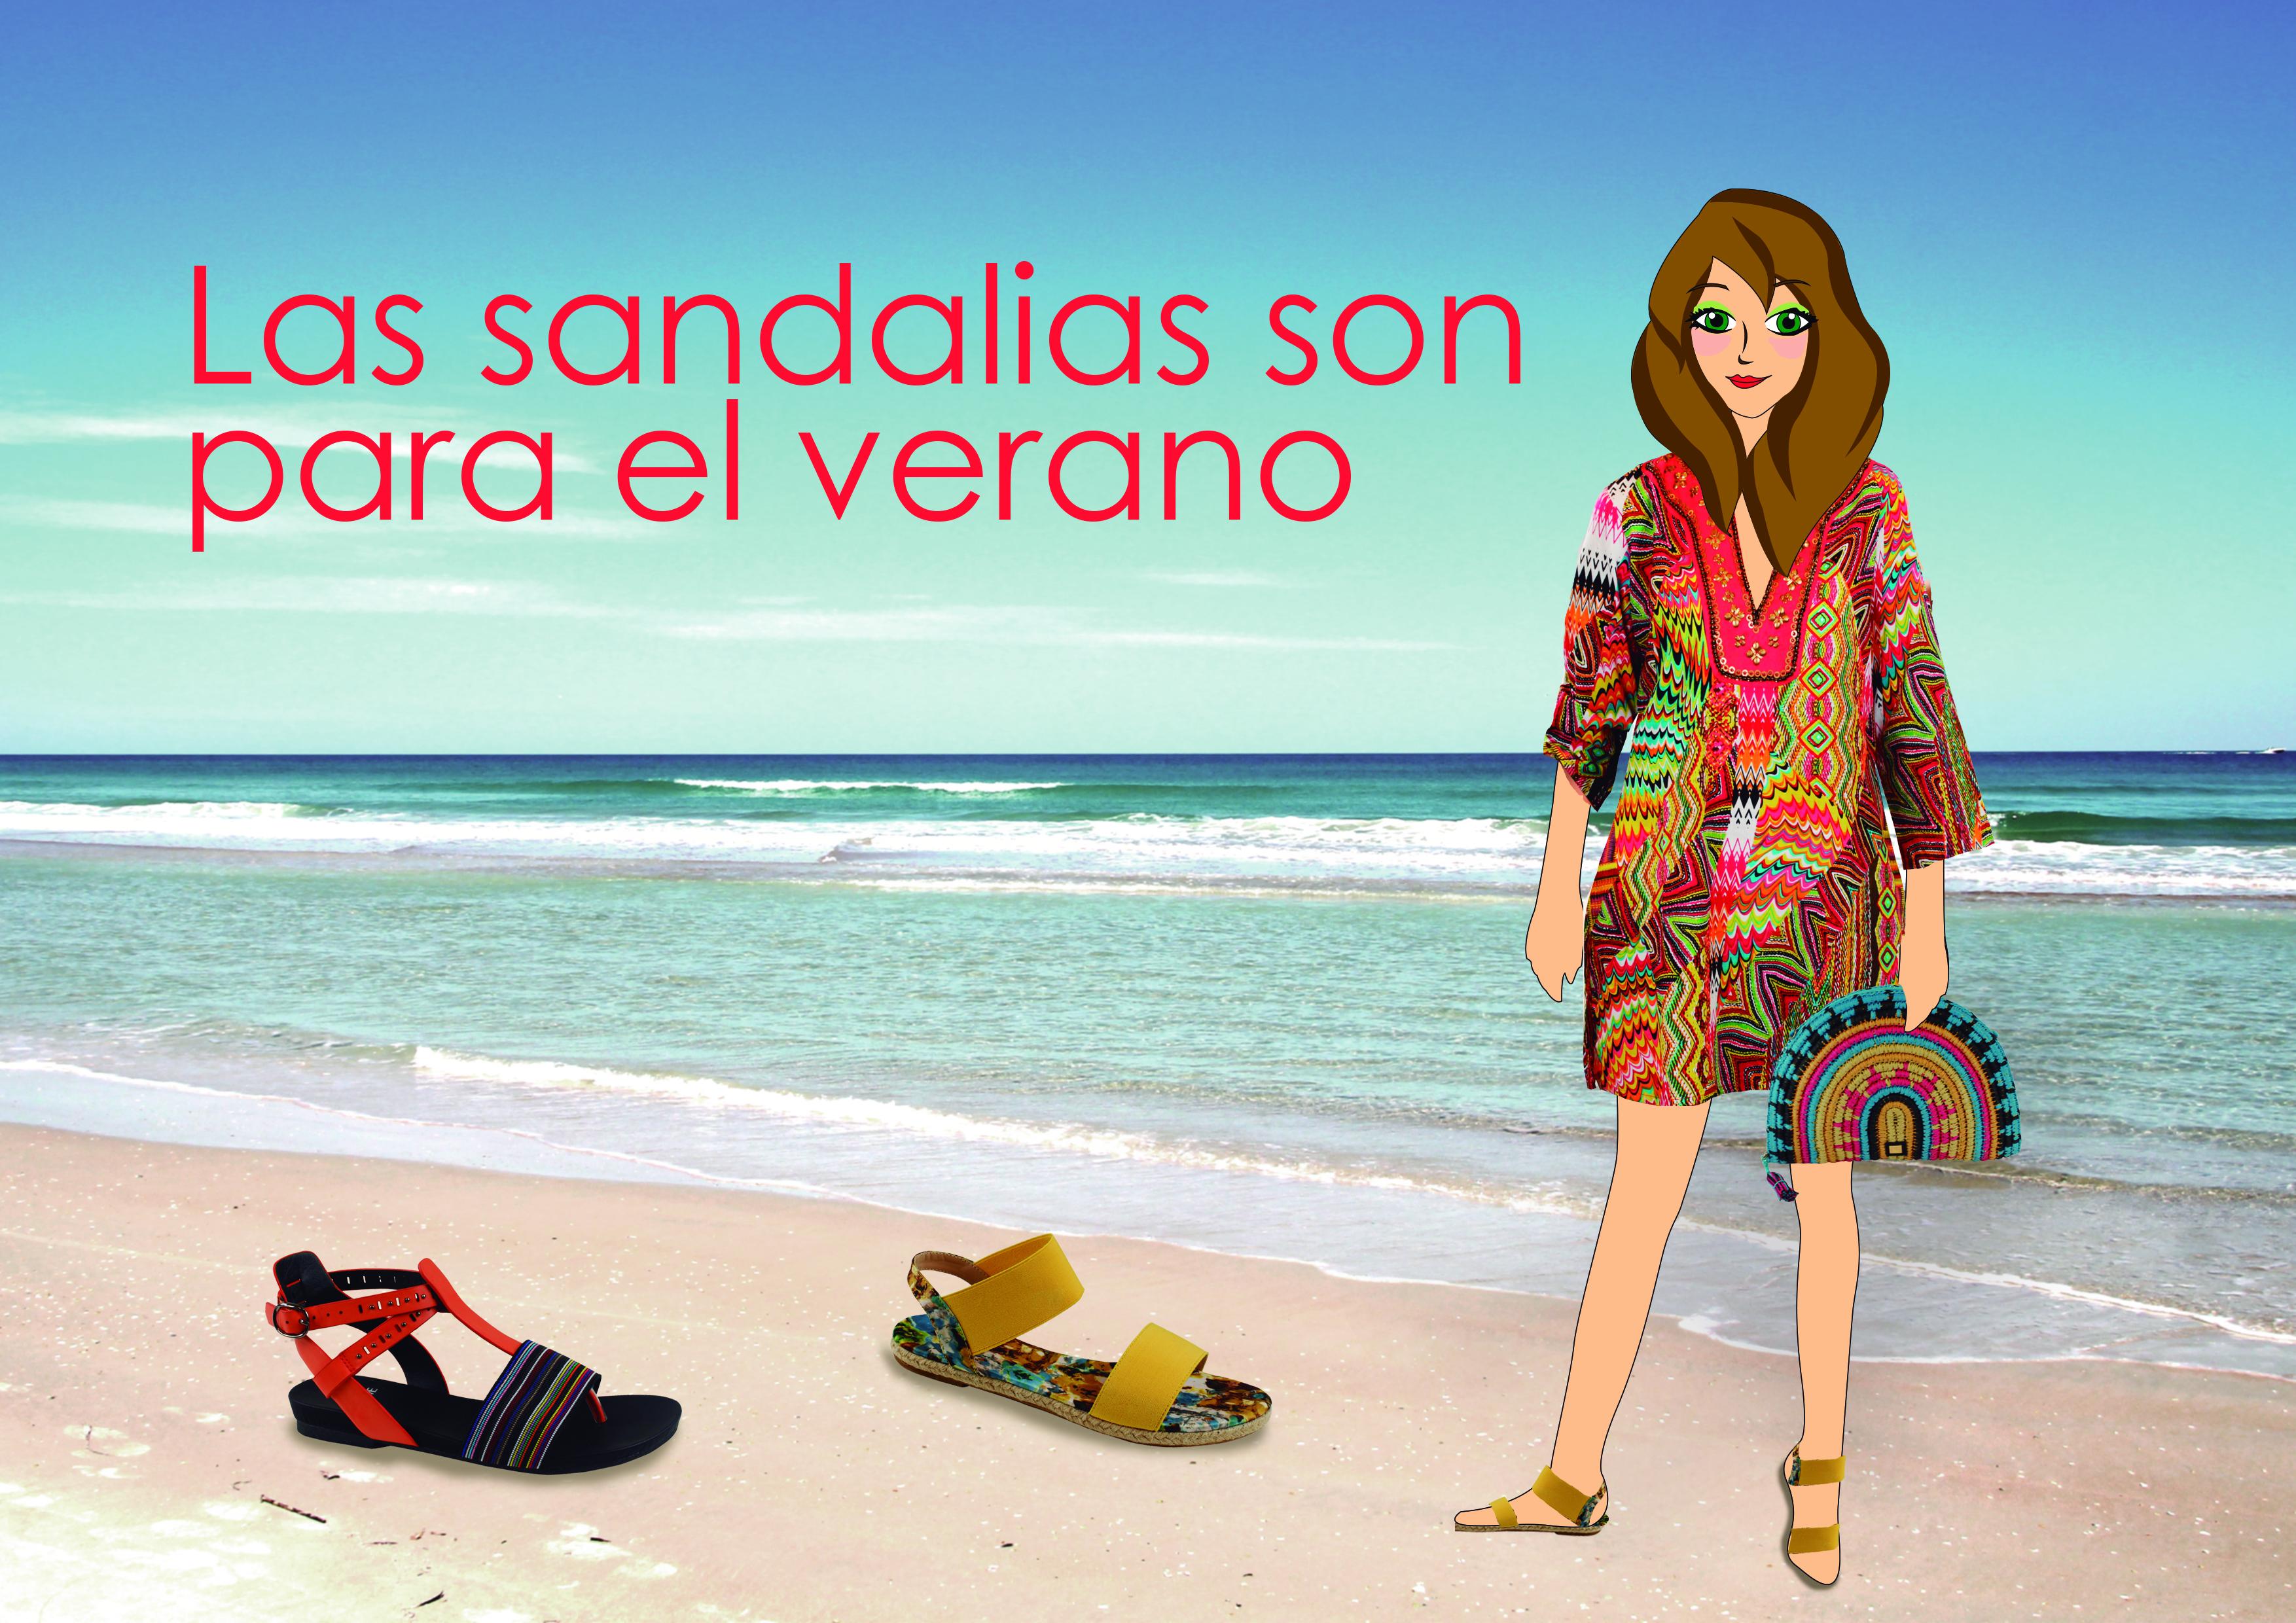 Las sandalias son para el verano